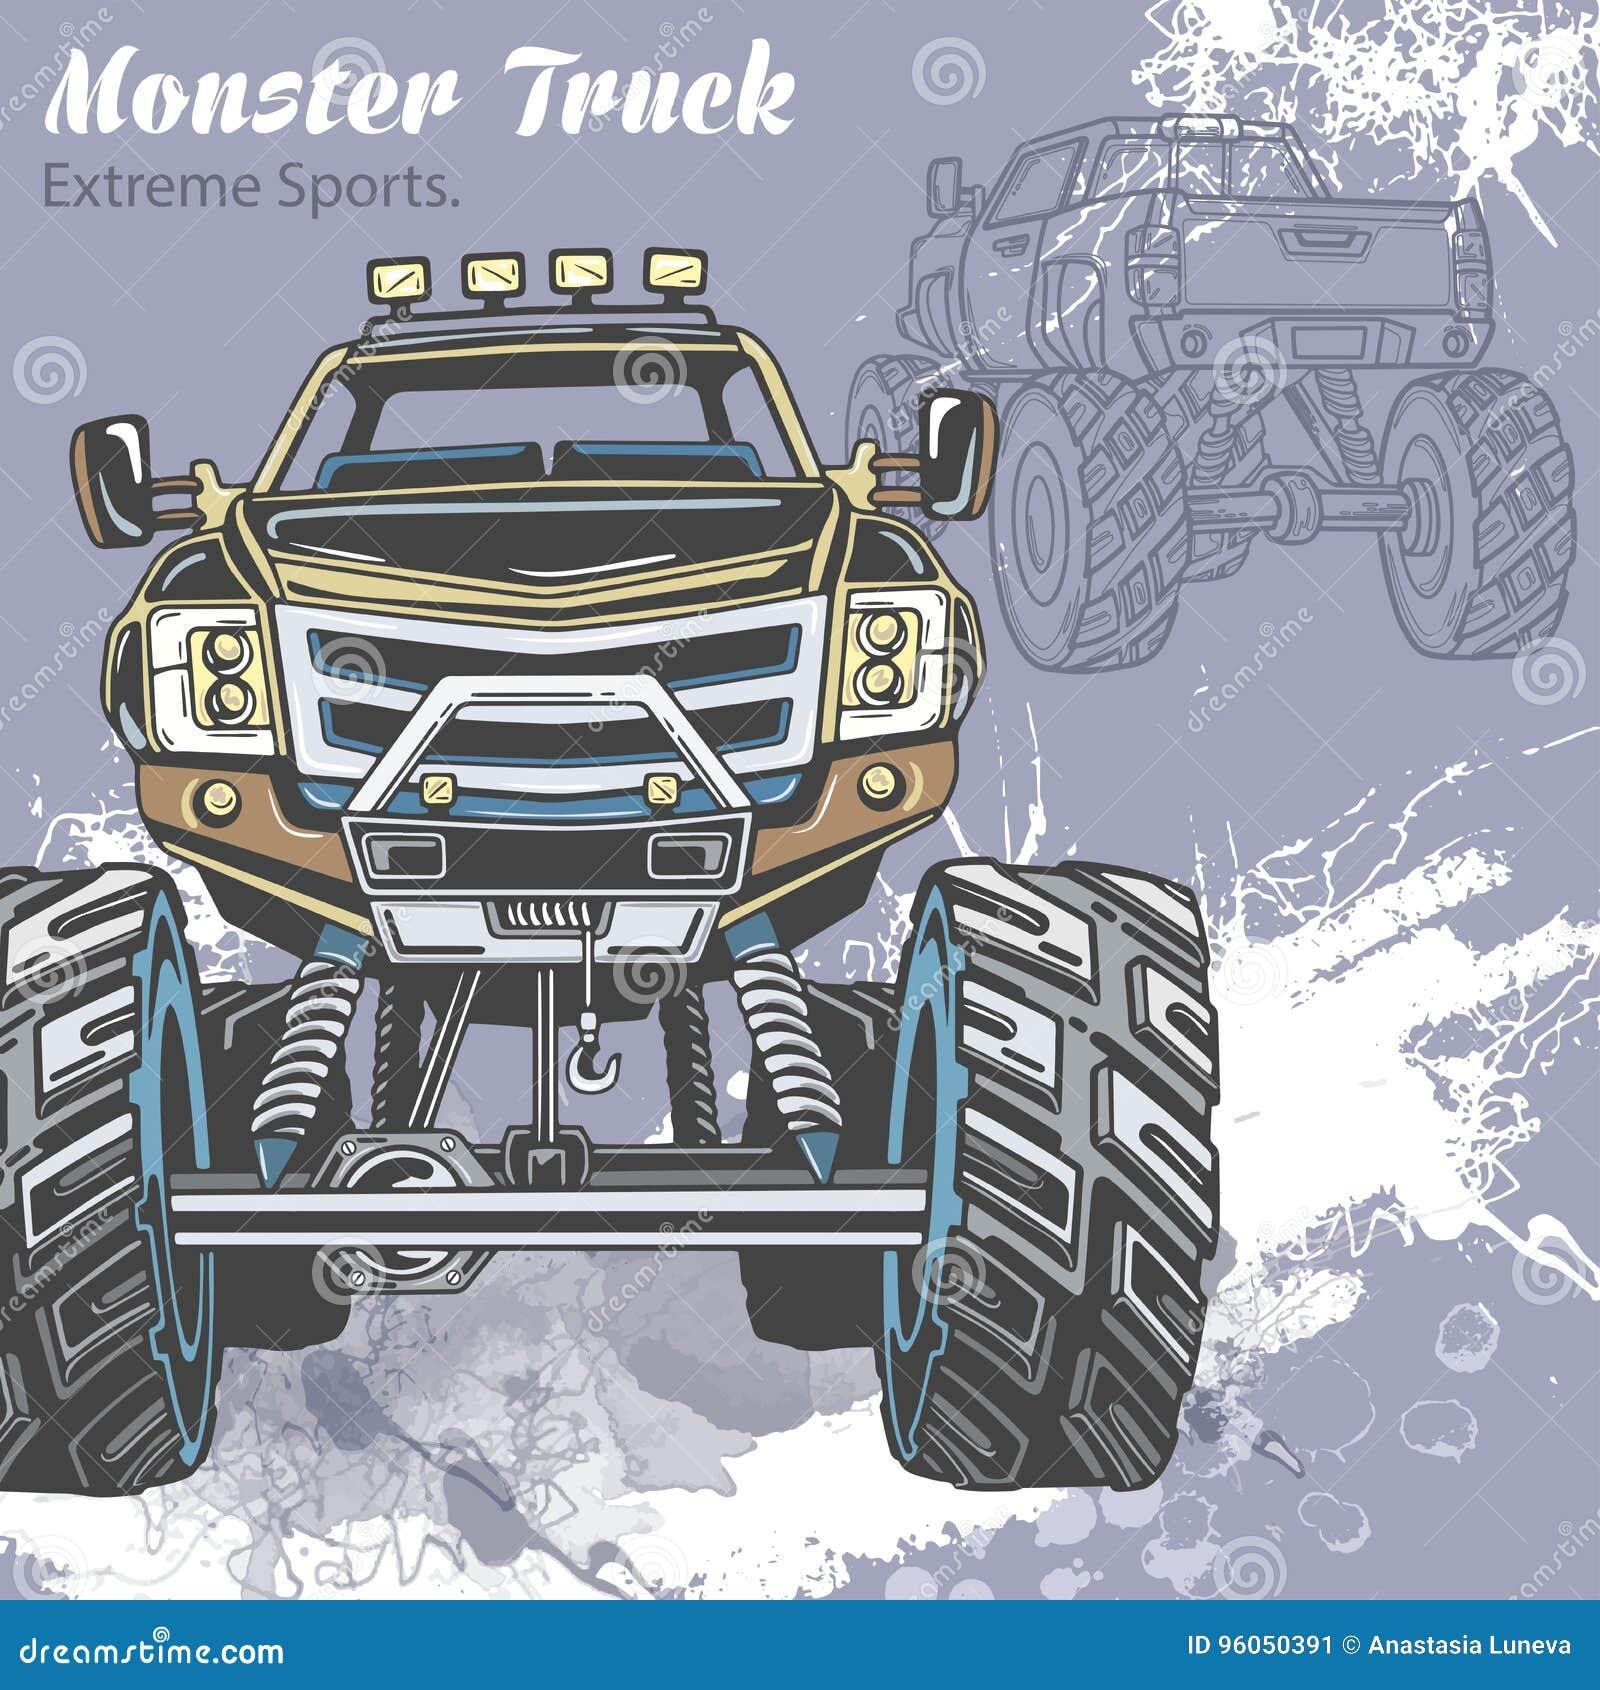 Le camion de monstre sur le fond de sport avec éclabousse et croquis Rétro illustration de vecteur Sports extrêmes aventure